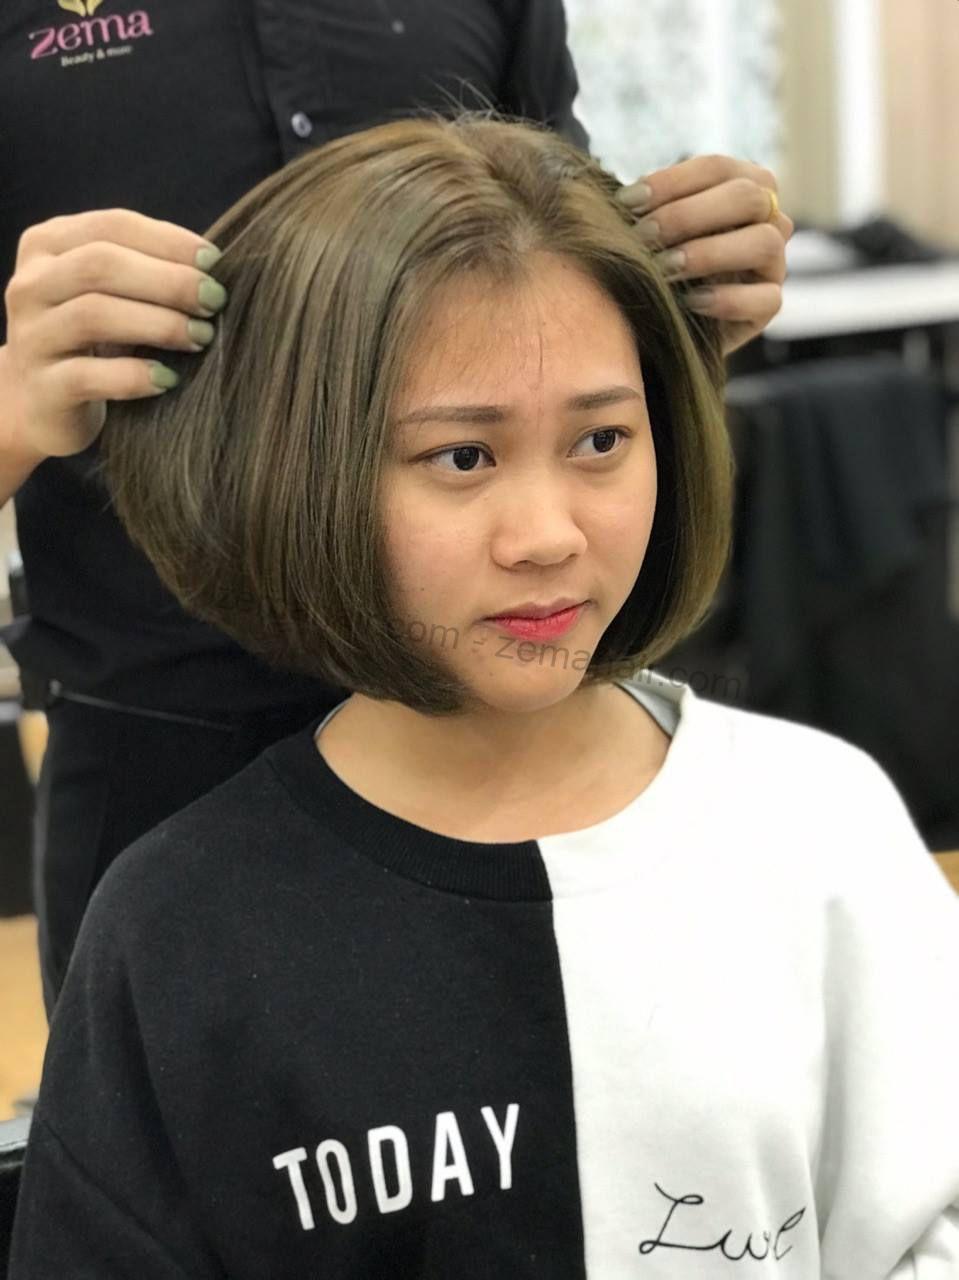 Kĩ thuật viên chuyên nghiệp tạo mẫu tóc cho cô nàng thêm xinh